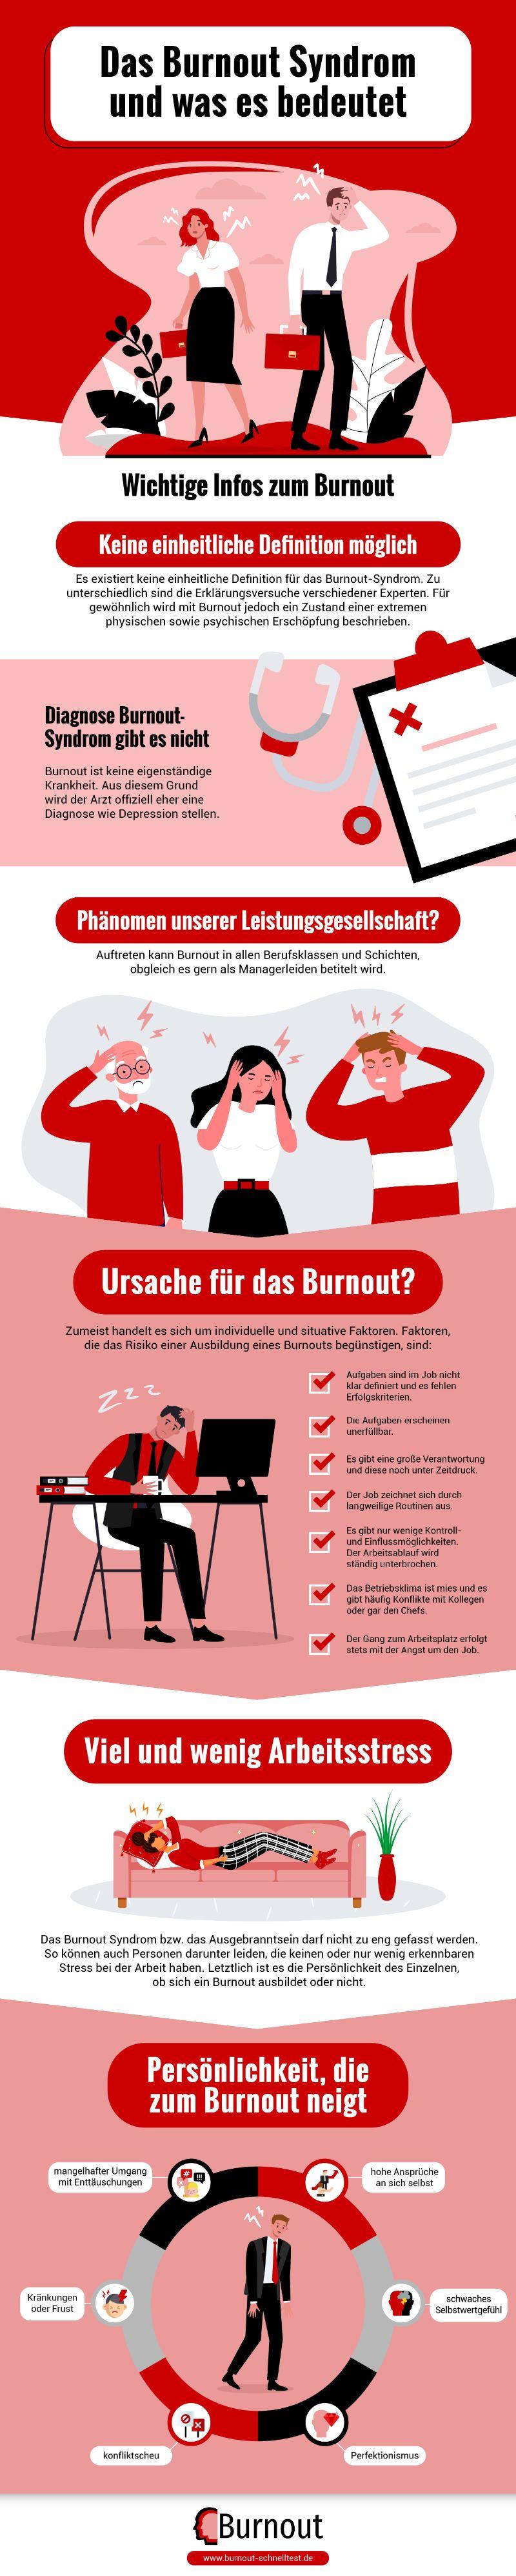 Infografik Das Burnout Syndrom Und Was Es Bedeutet